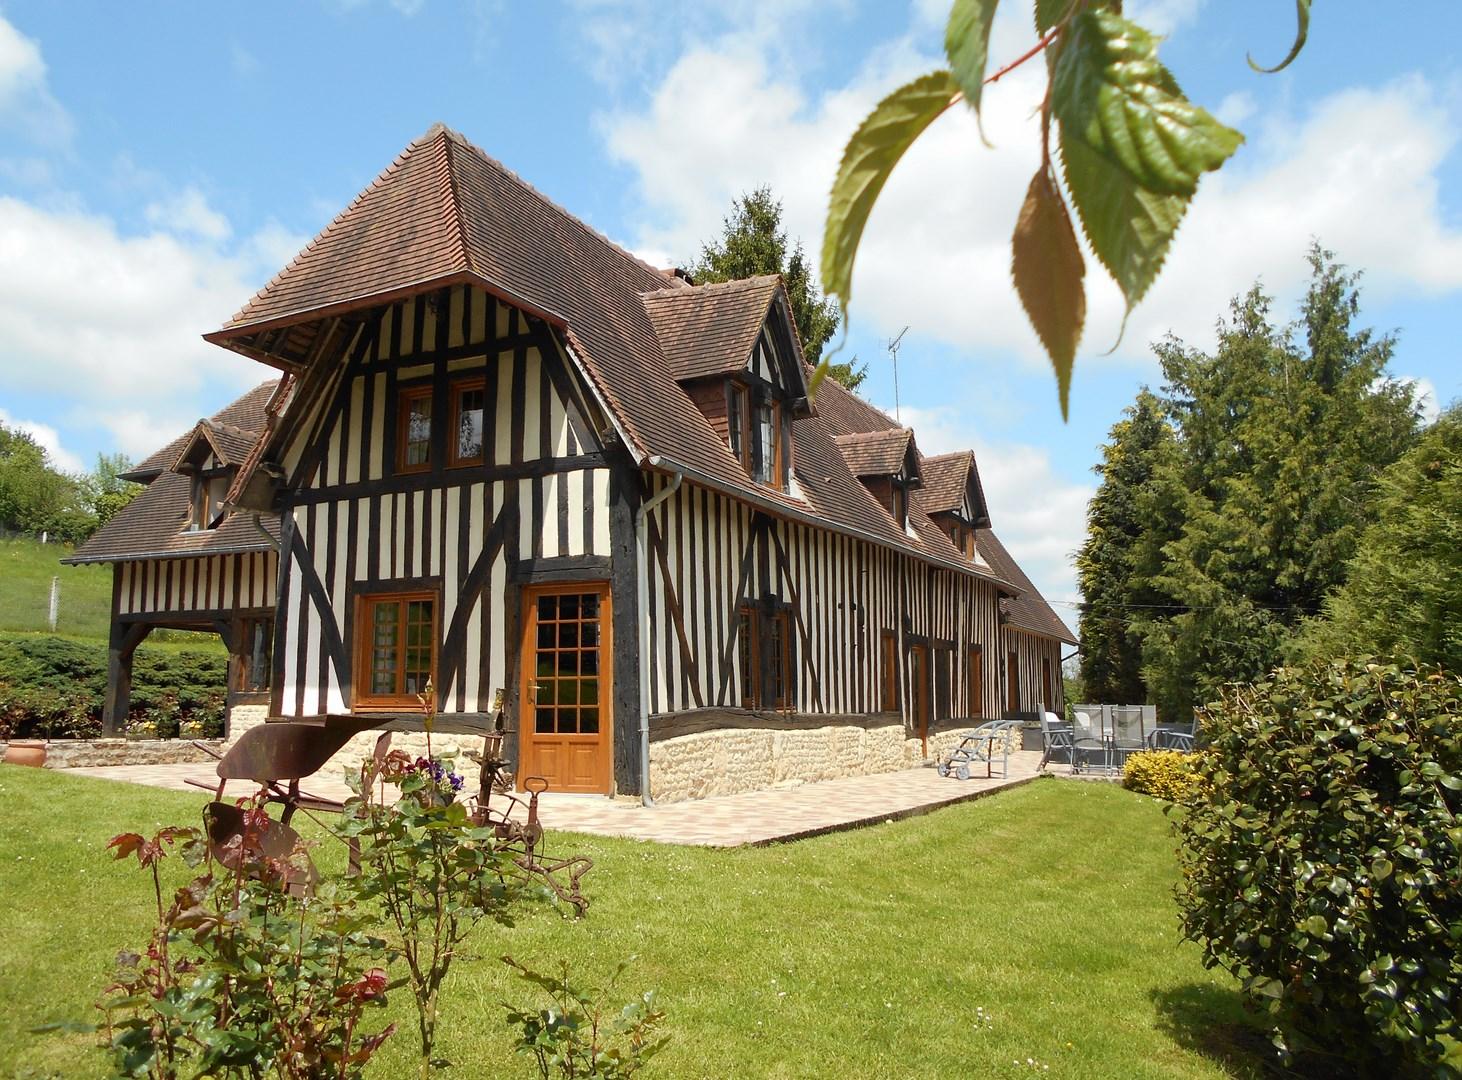 maison normandie perfect location maison normandie location de vacances maison villa a. Black Bedroom Furniture Sets. Home Design Ideas